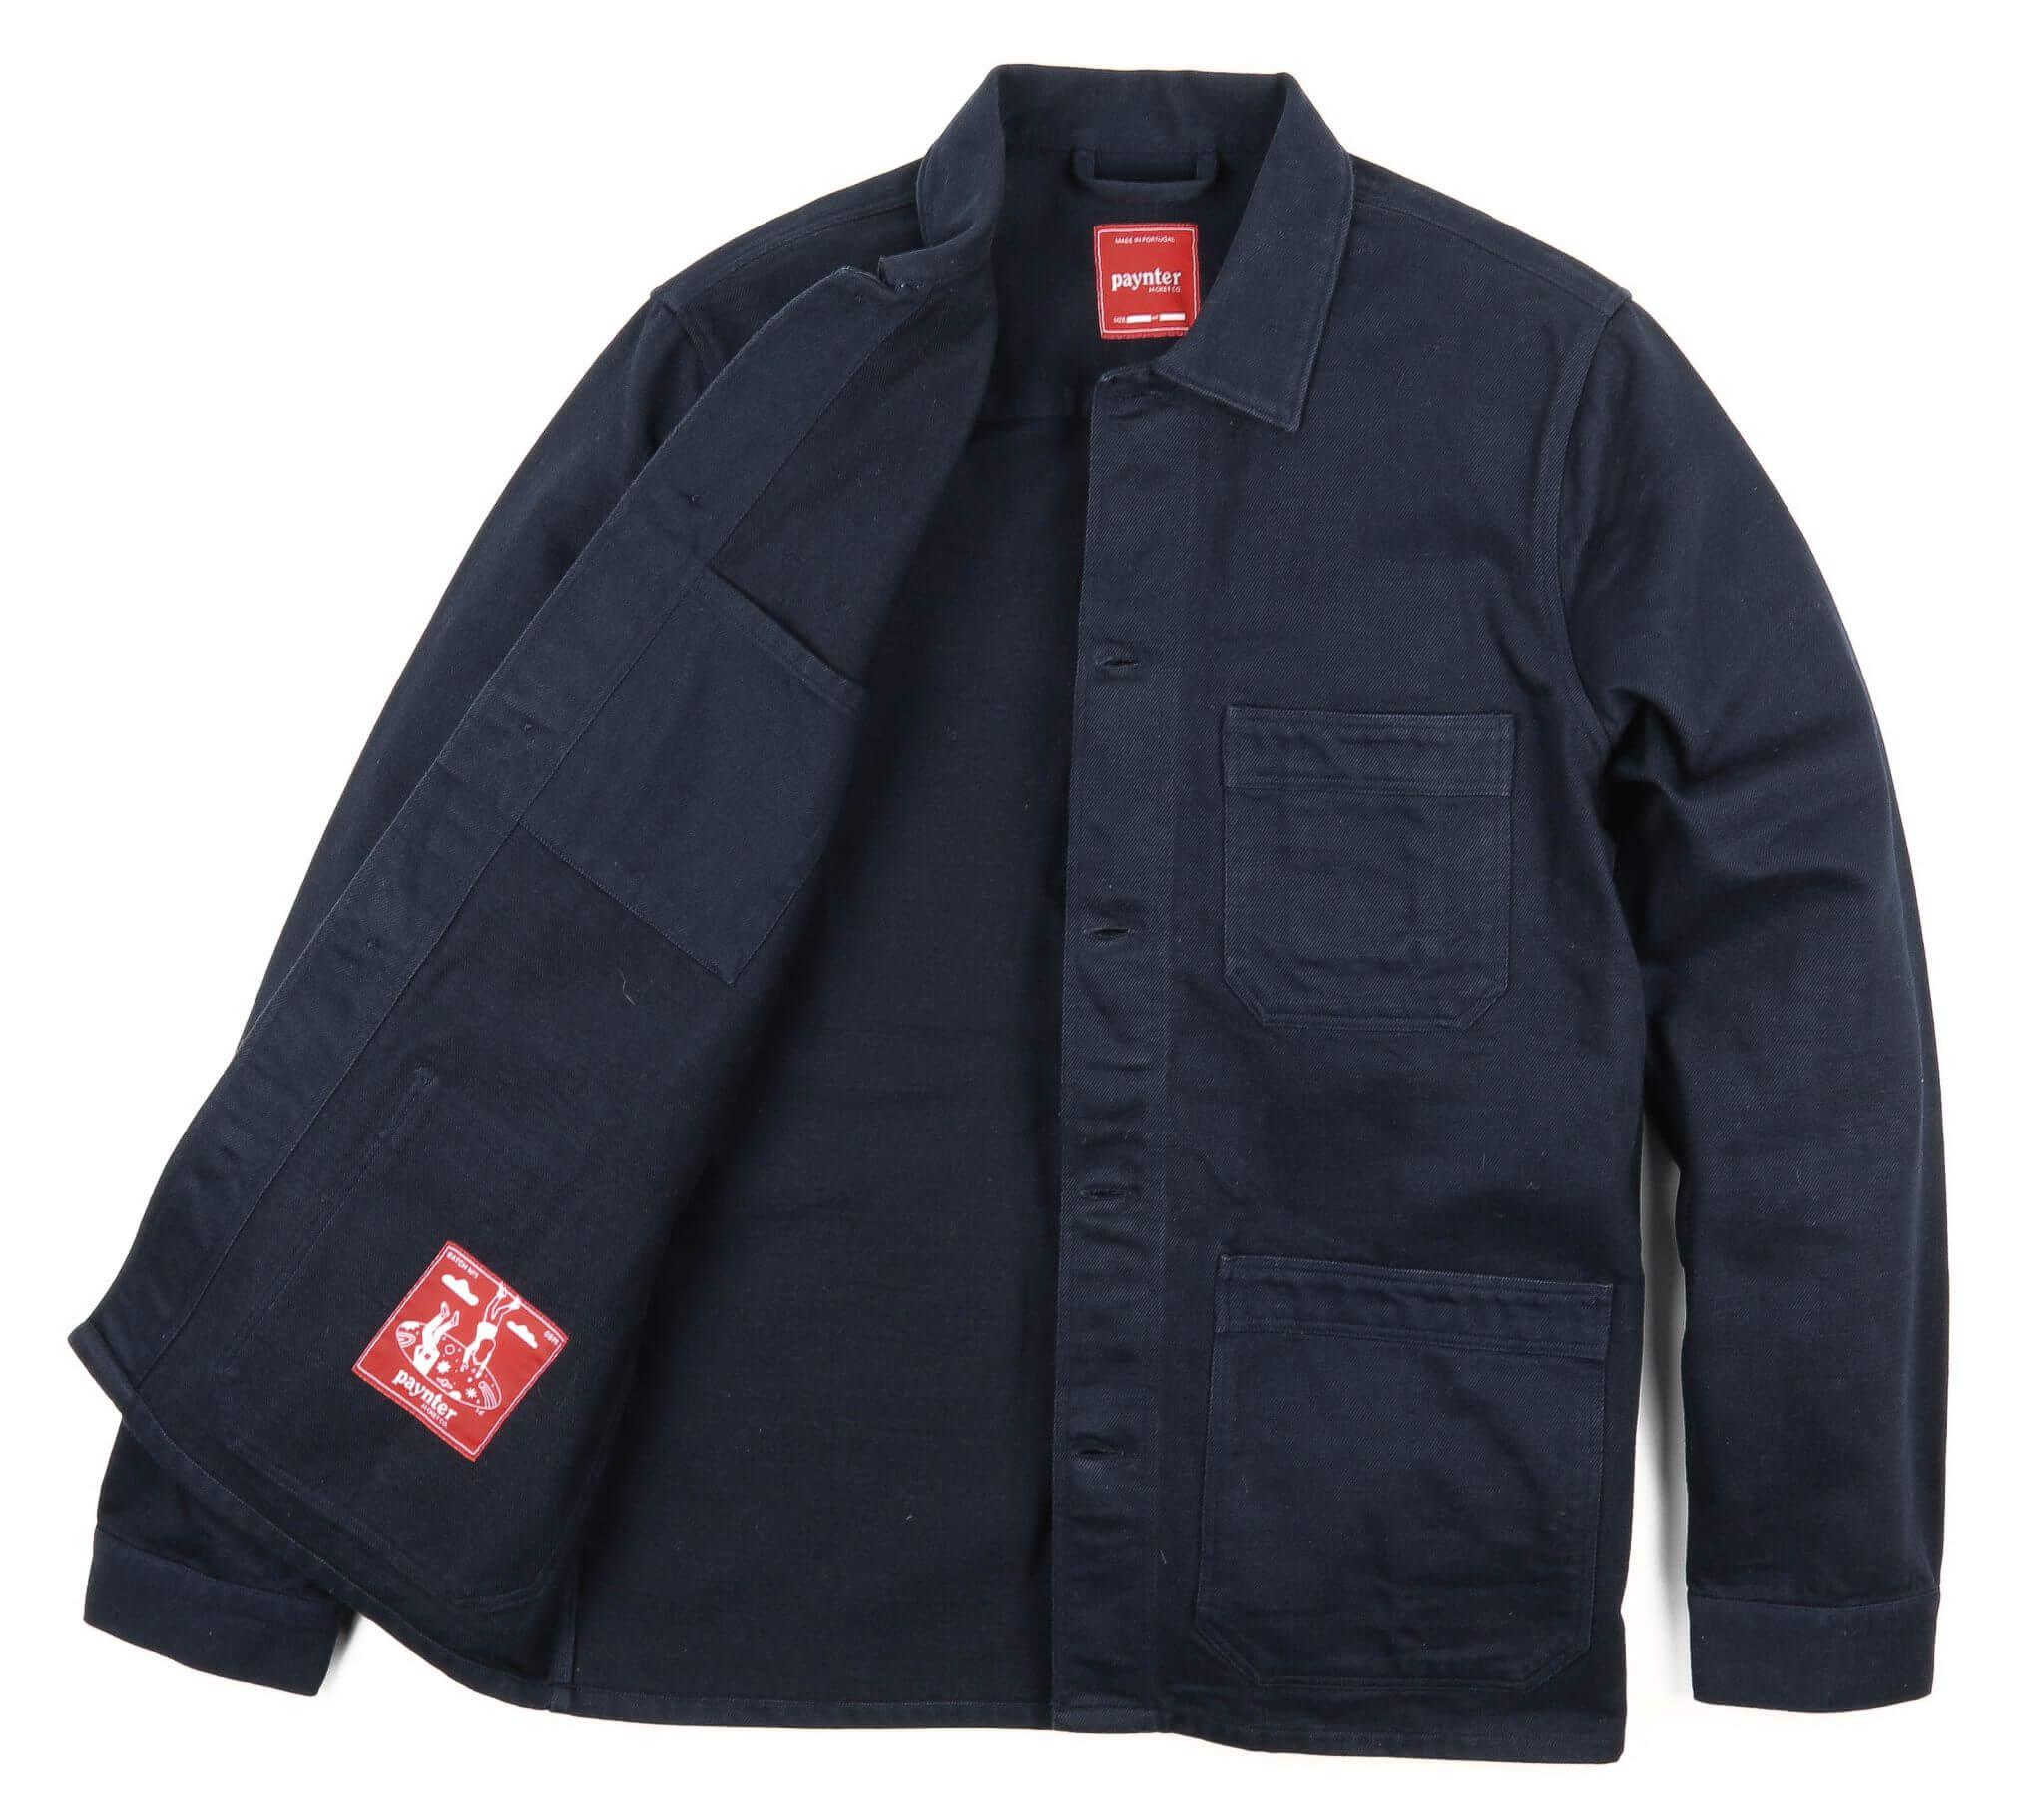 Paynter Jacket Co